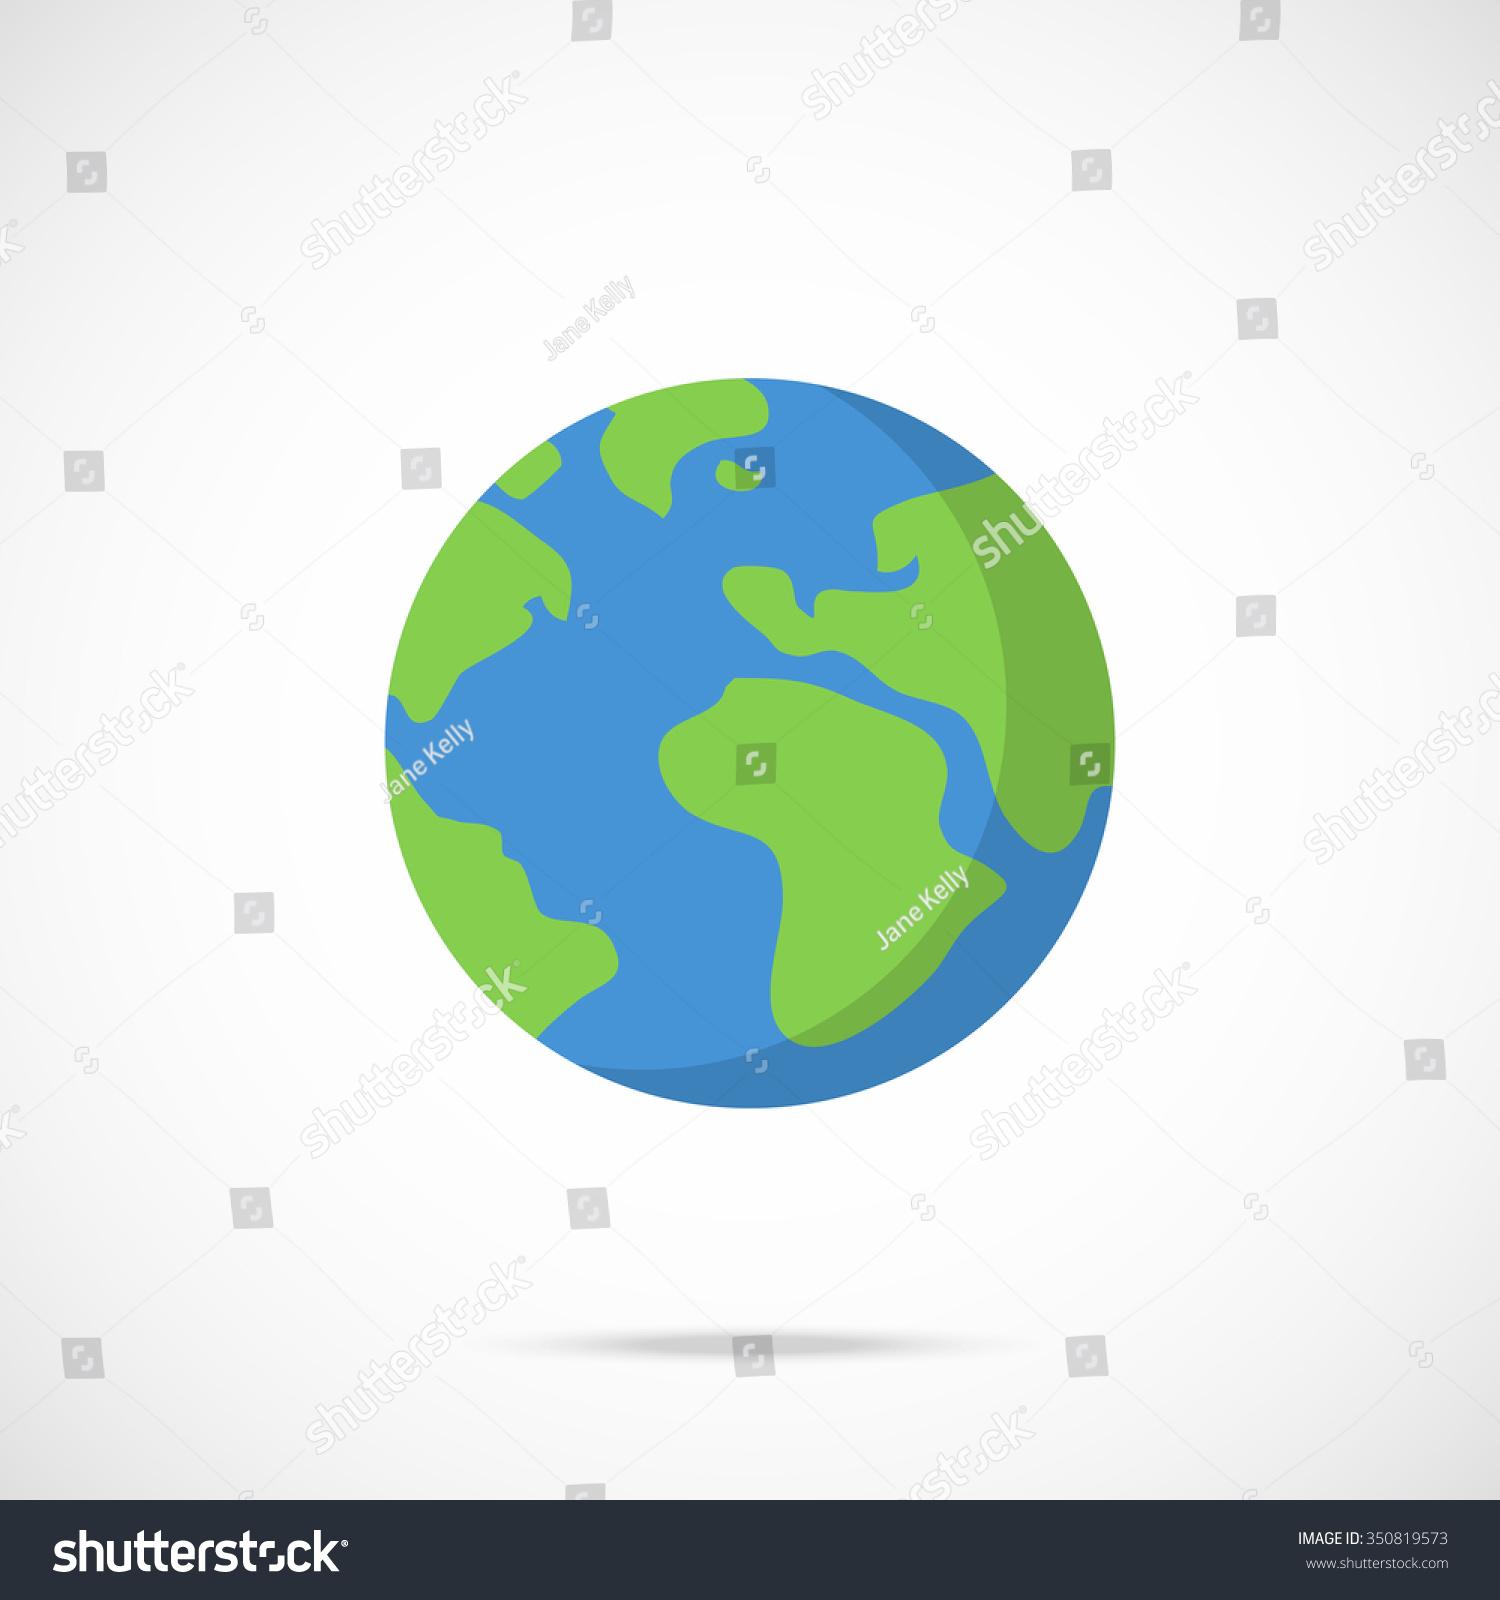 Set globe earth icon flat style on white background ...   Earth Flat Icon Eps